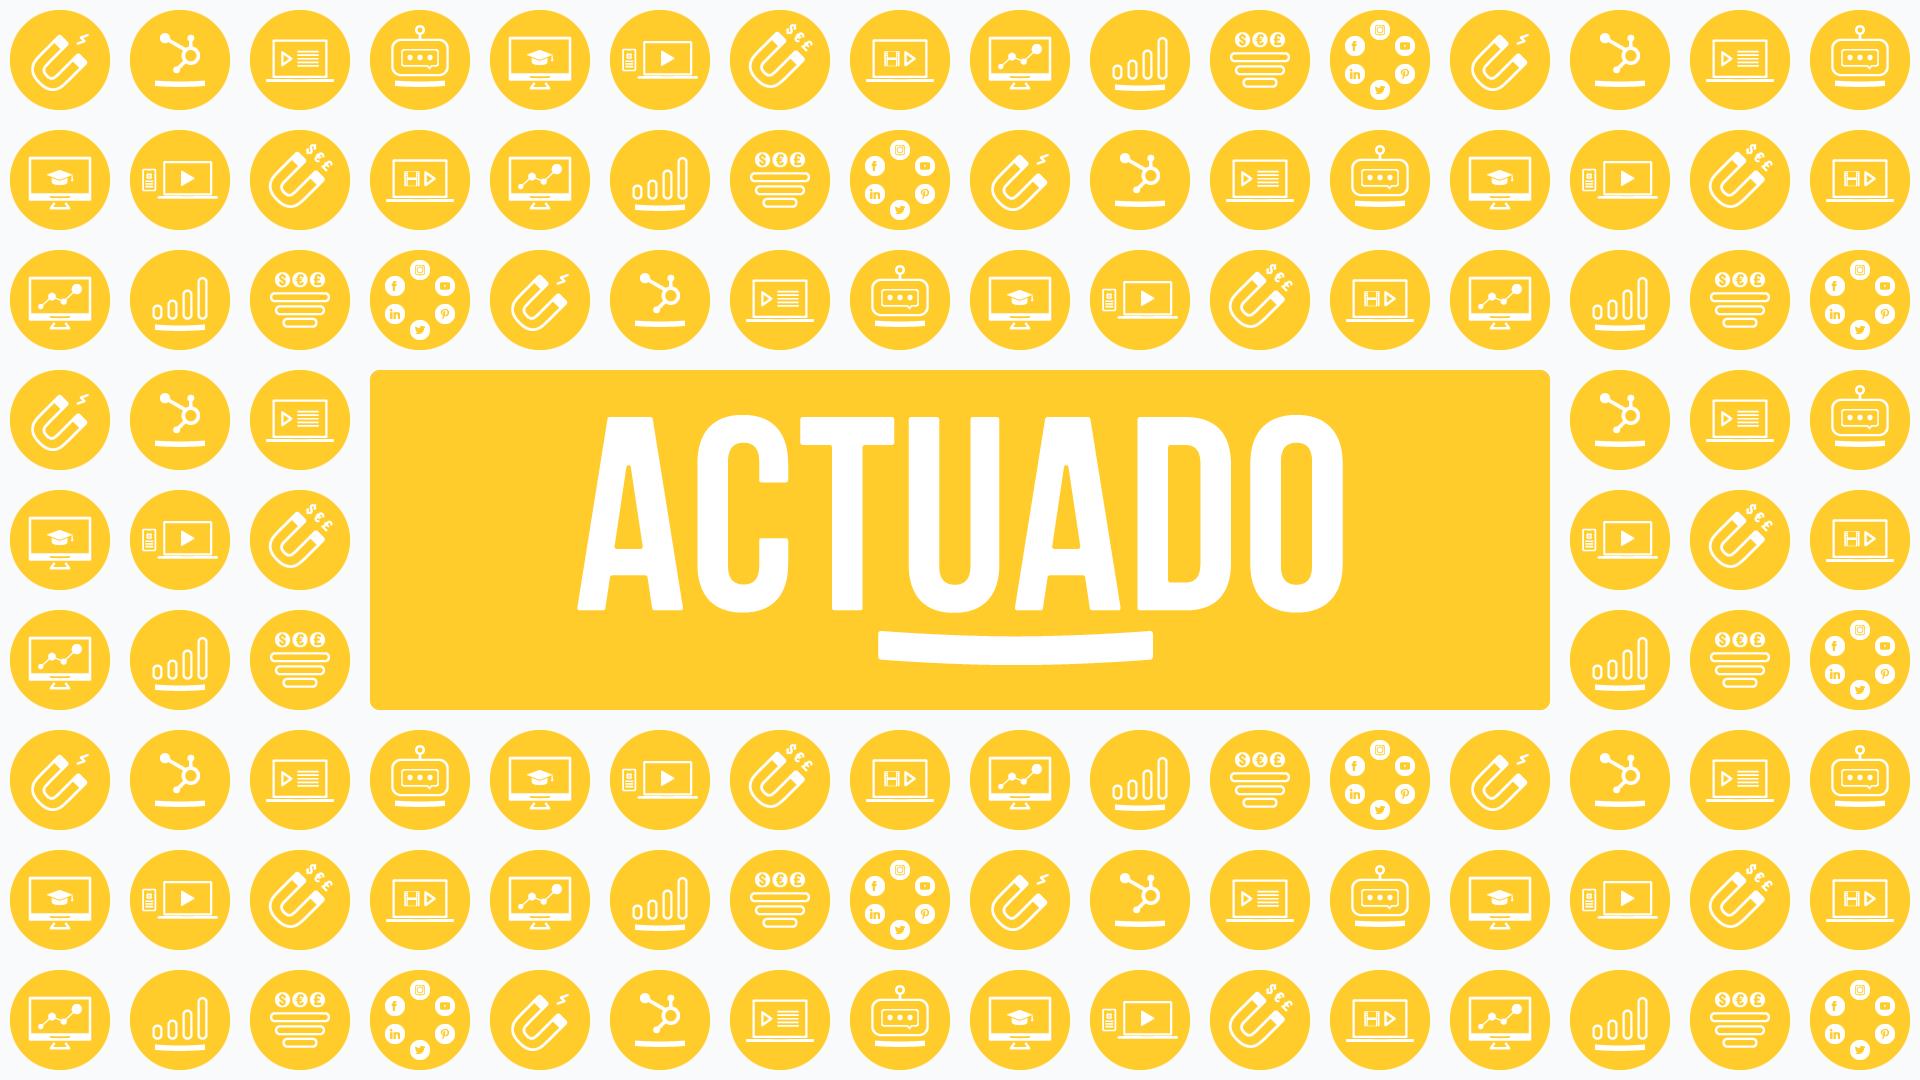 Actuado_Cover_2